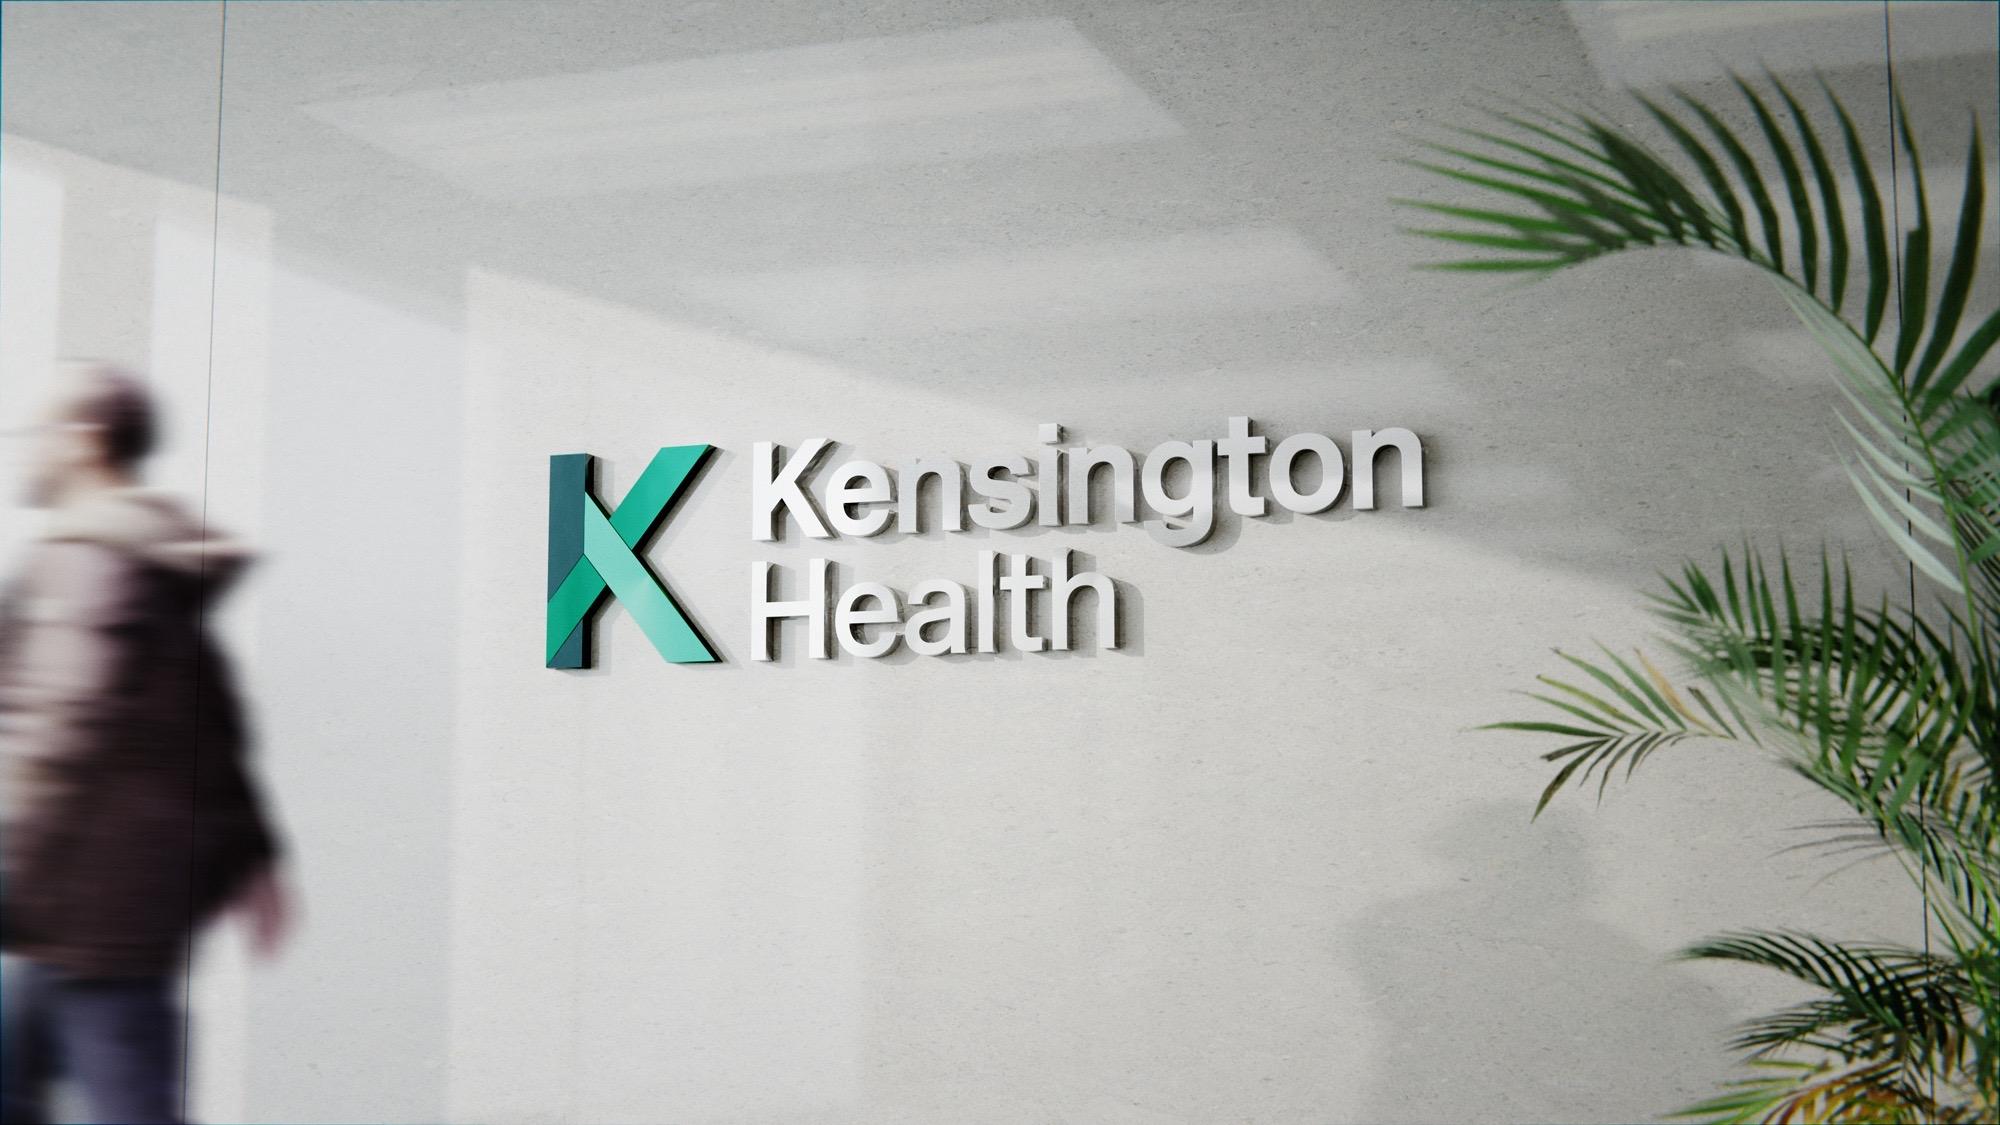 kensingtonhealth10